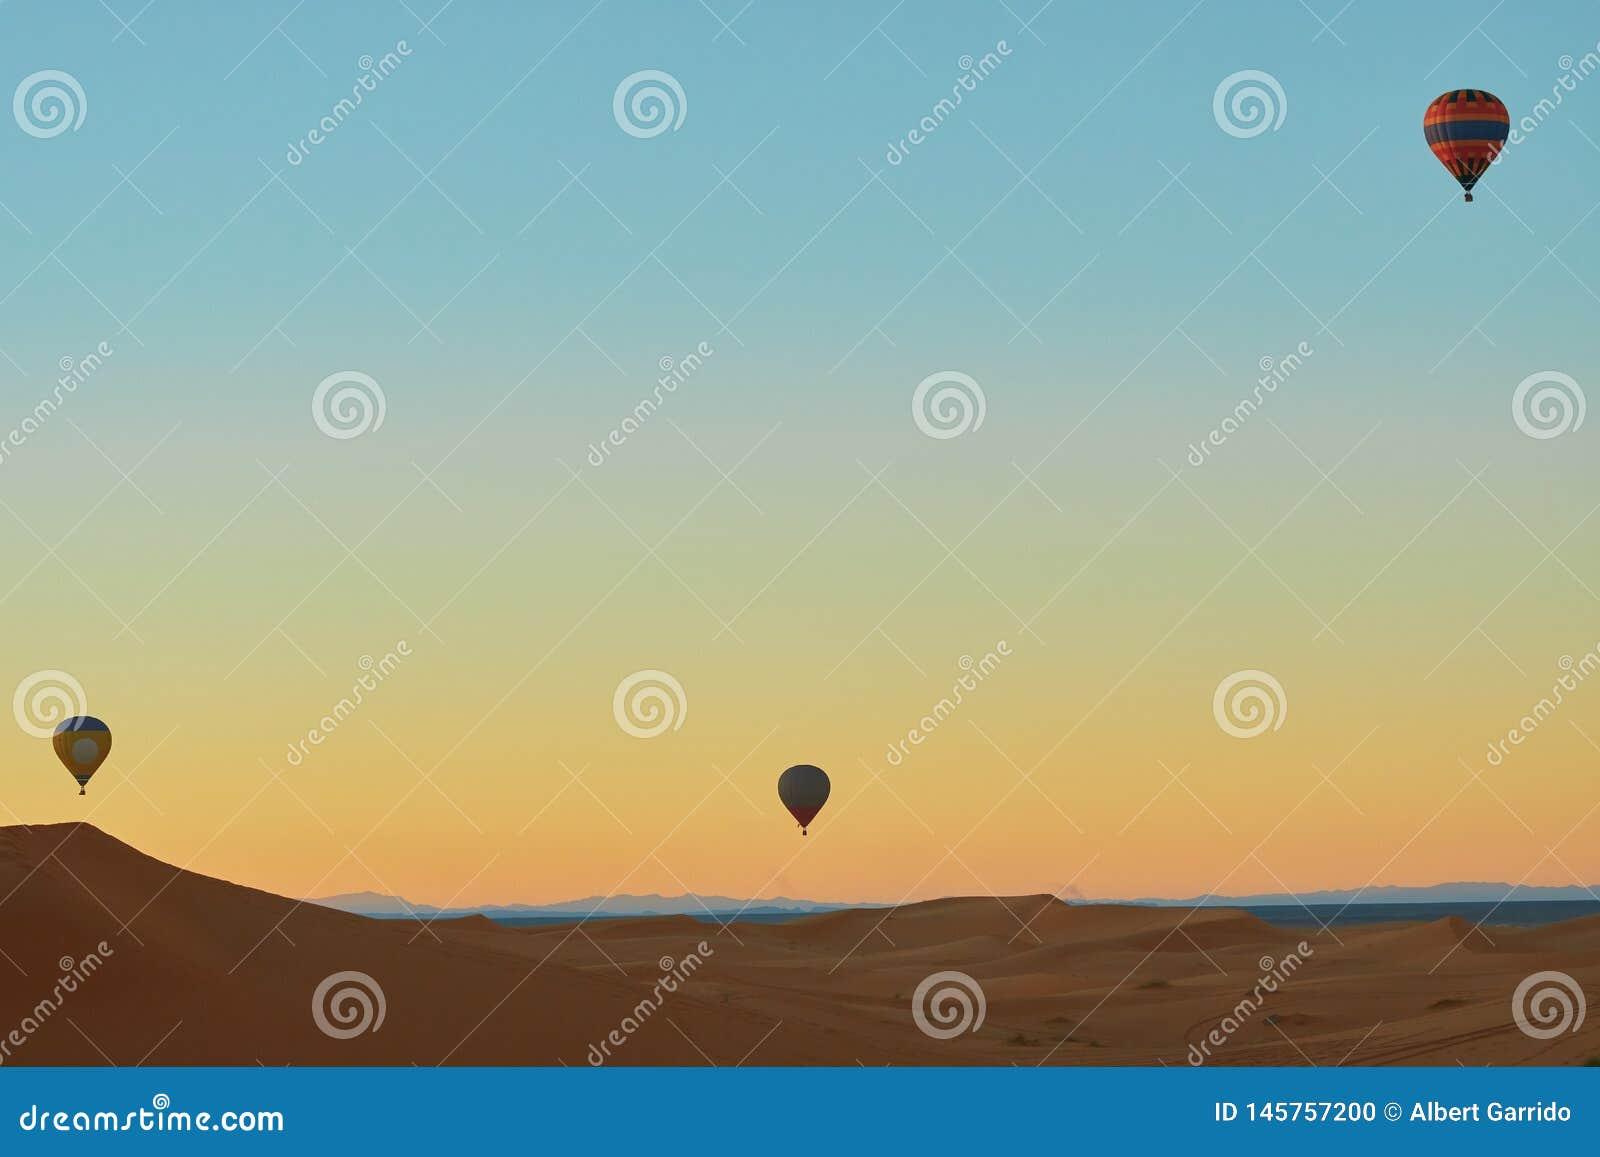 三热空气在沙漠的气球飞行